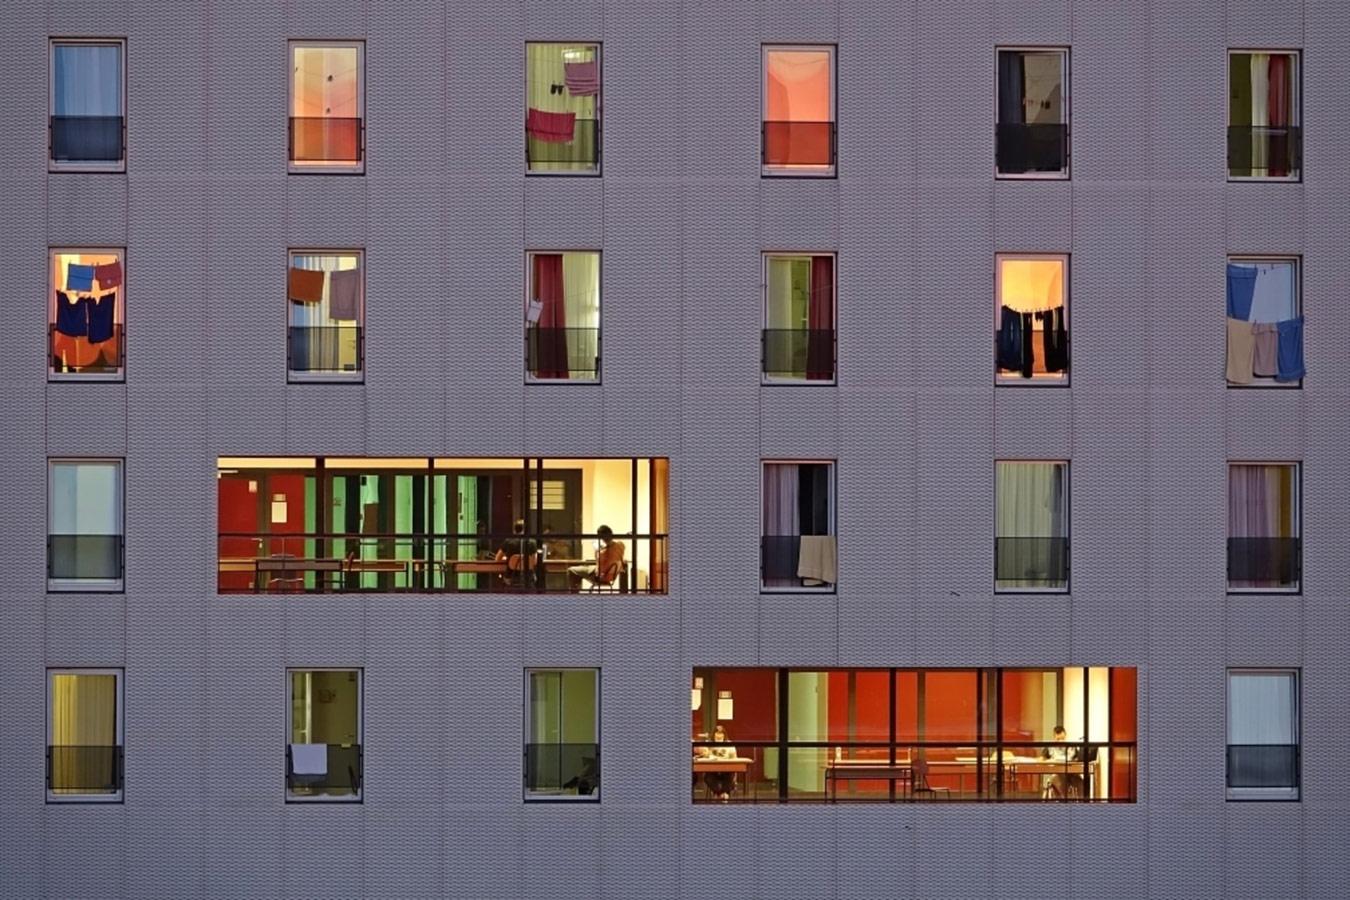 Сосуществование, © Лиляна Вескович, Архитектура и инфраструктура, Фотоконкурс CEWE